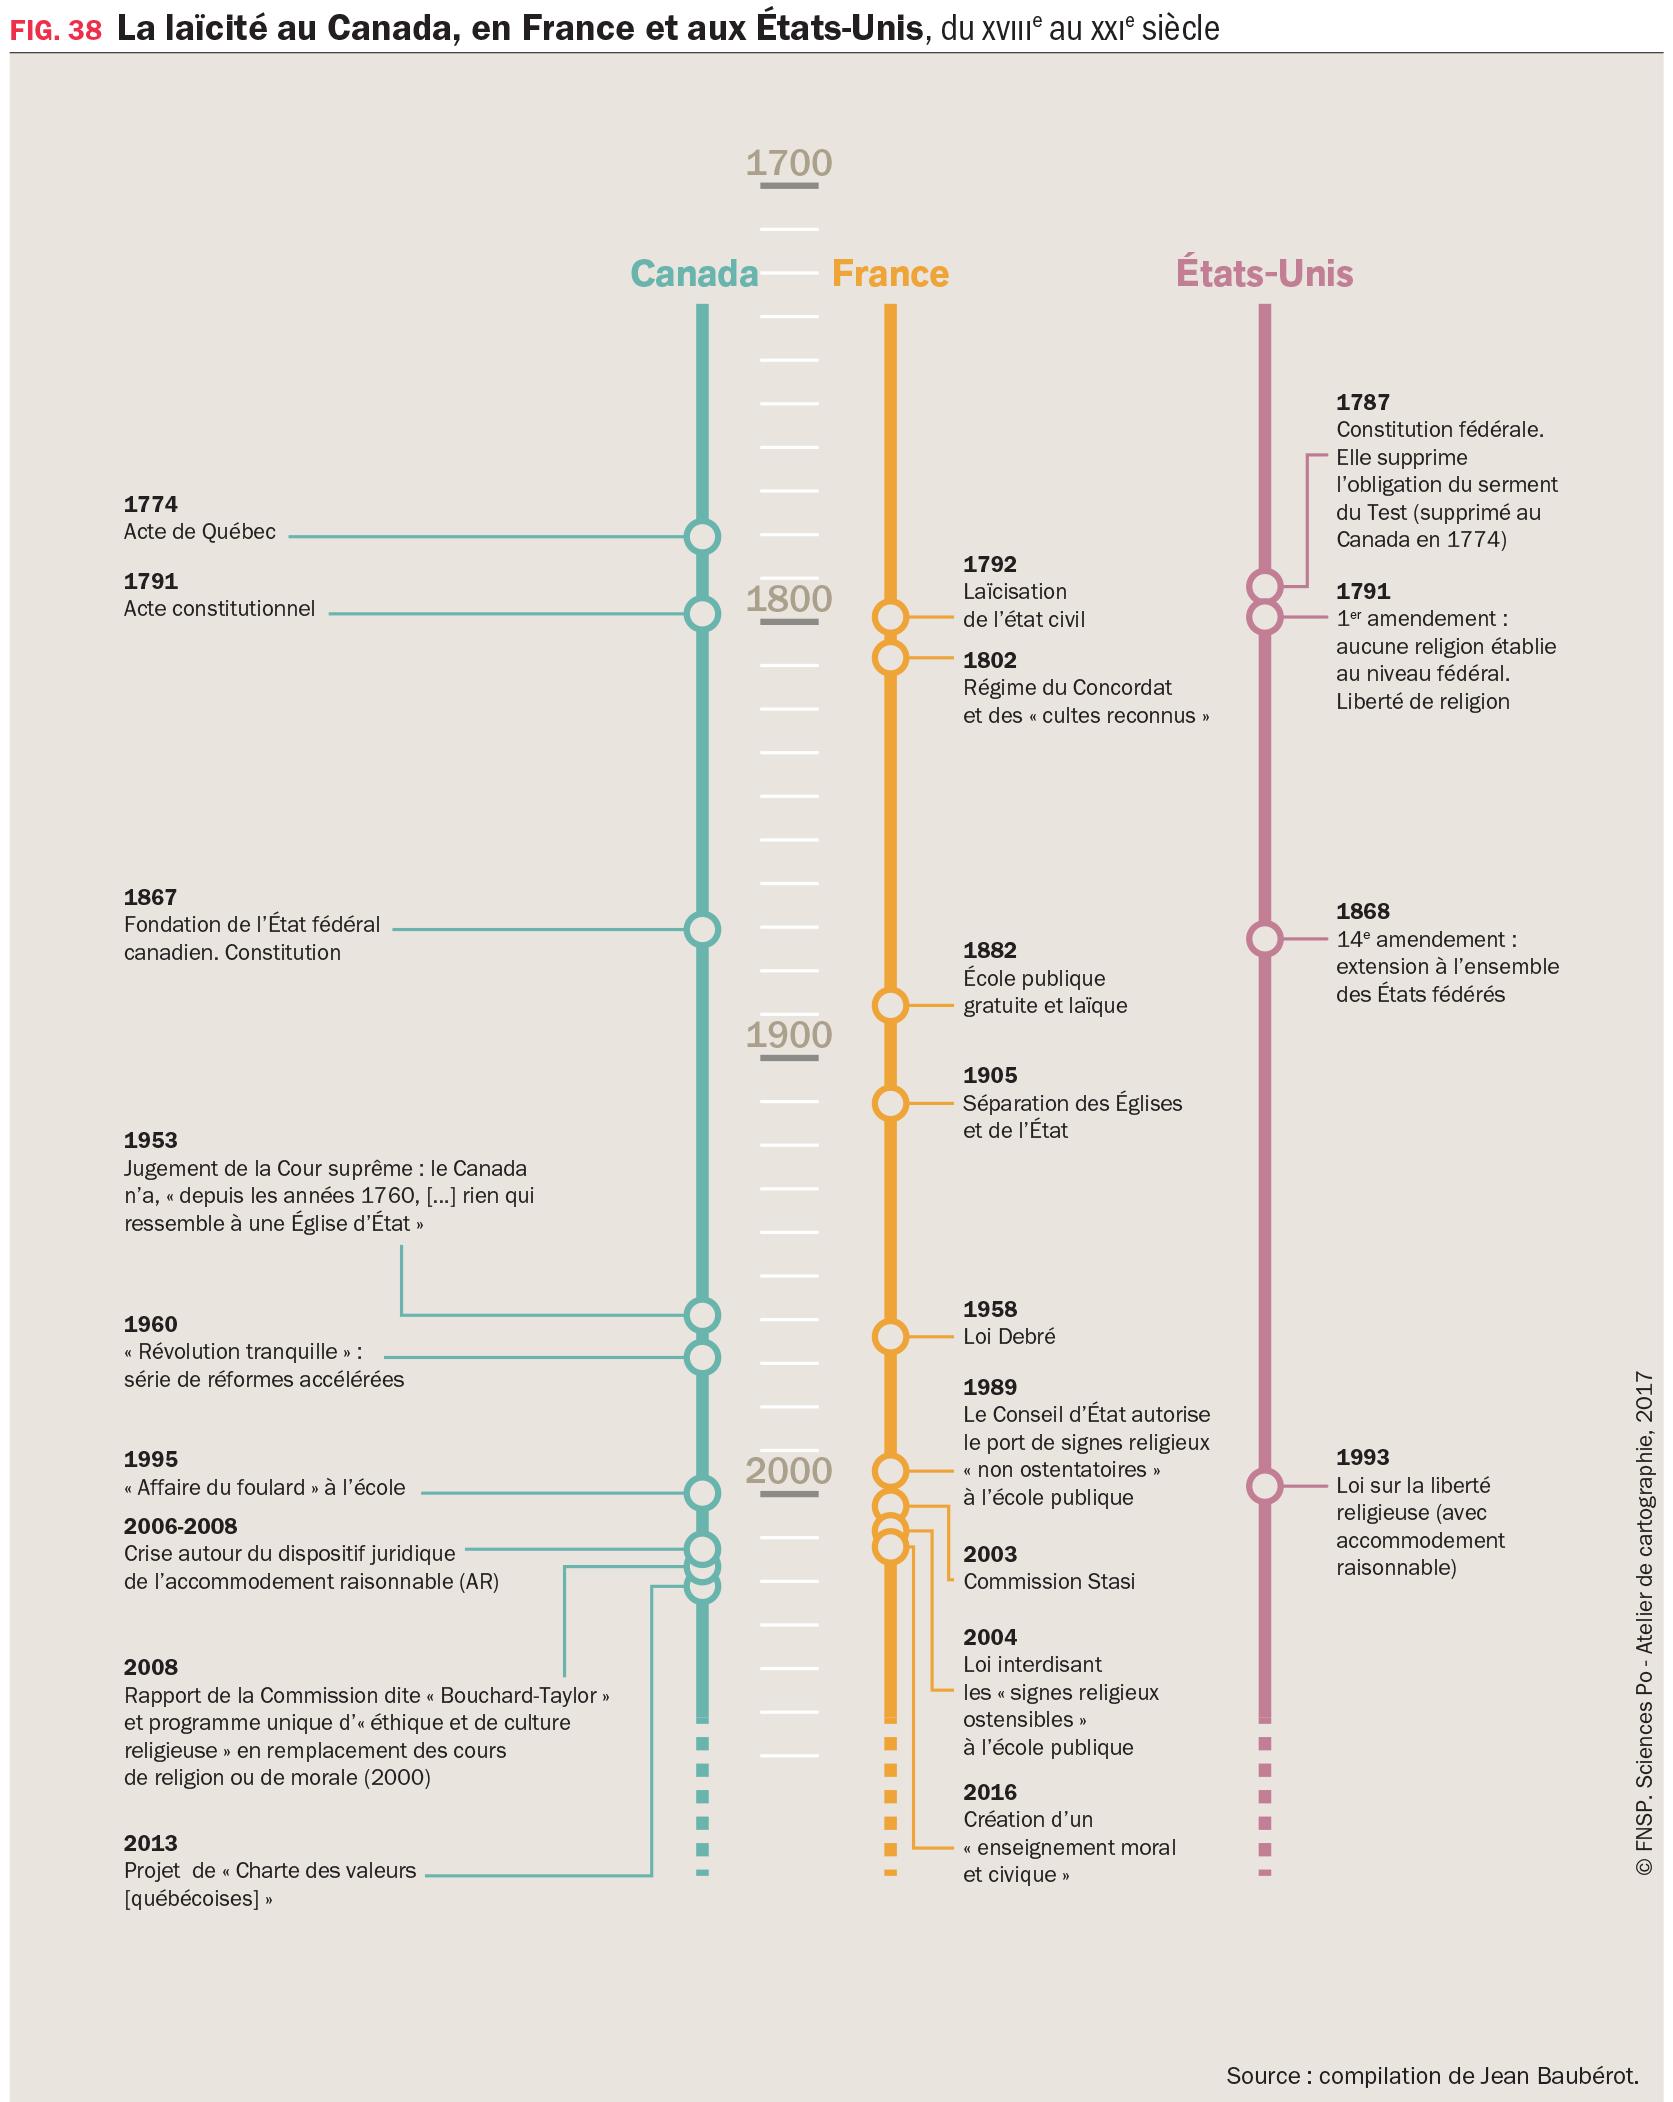 Graphique : La laïcité au Canada, en France et aux États-Unis, du XVIIIe au XXIe